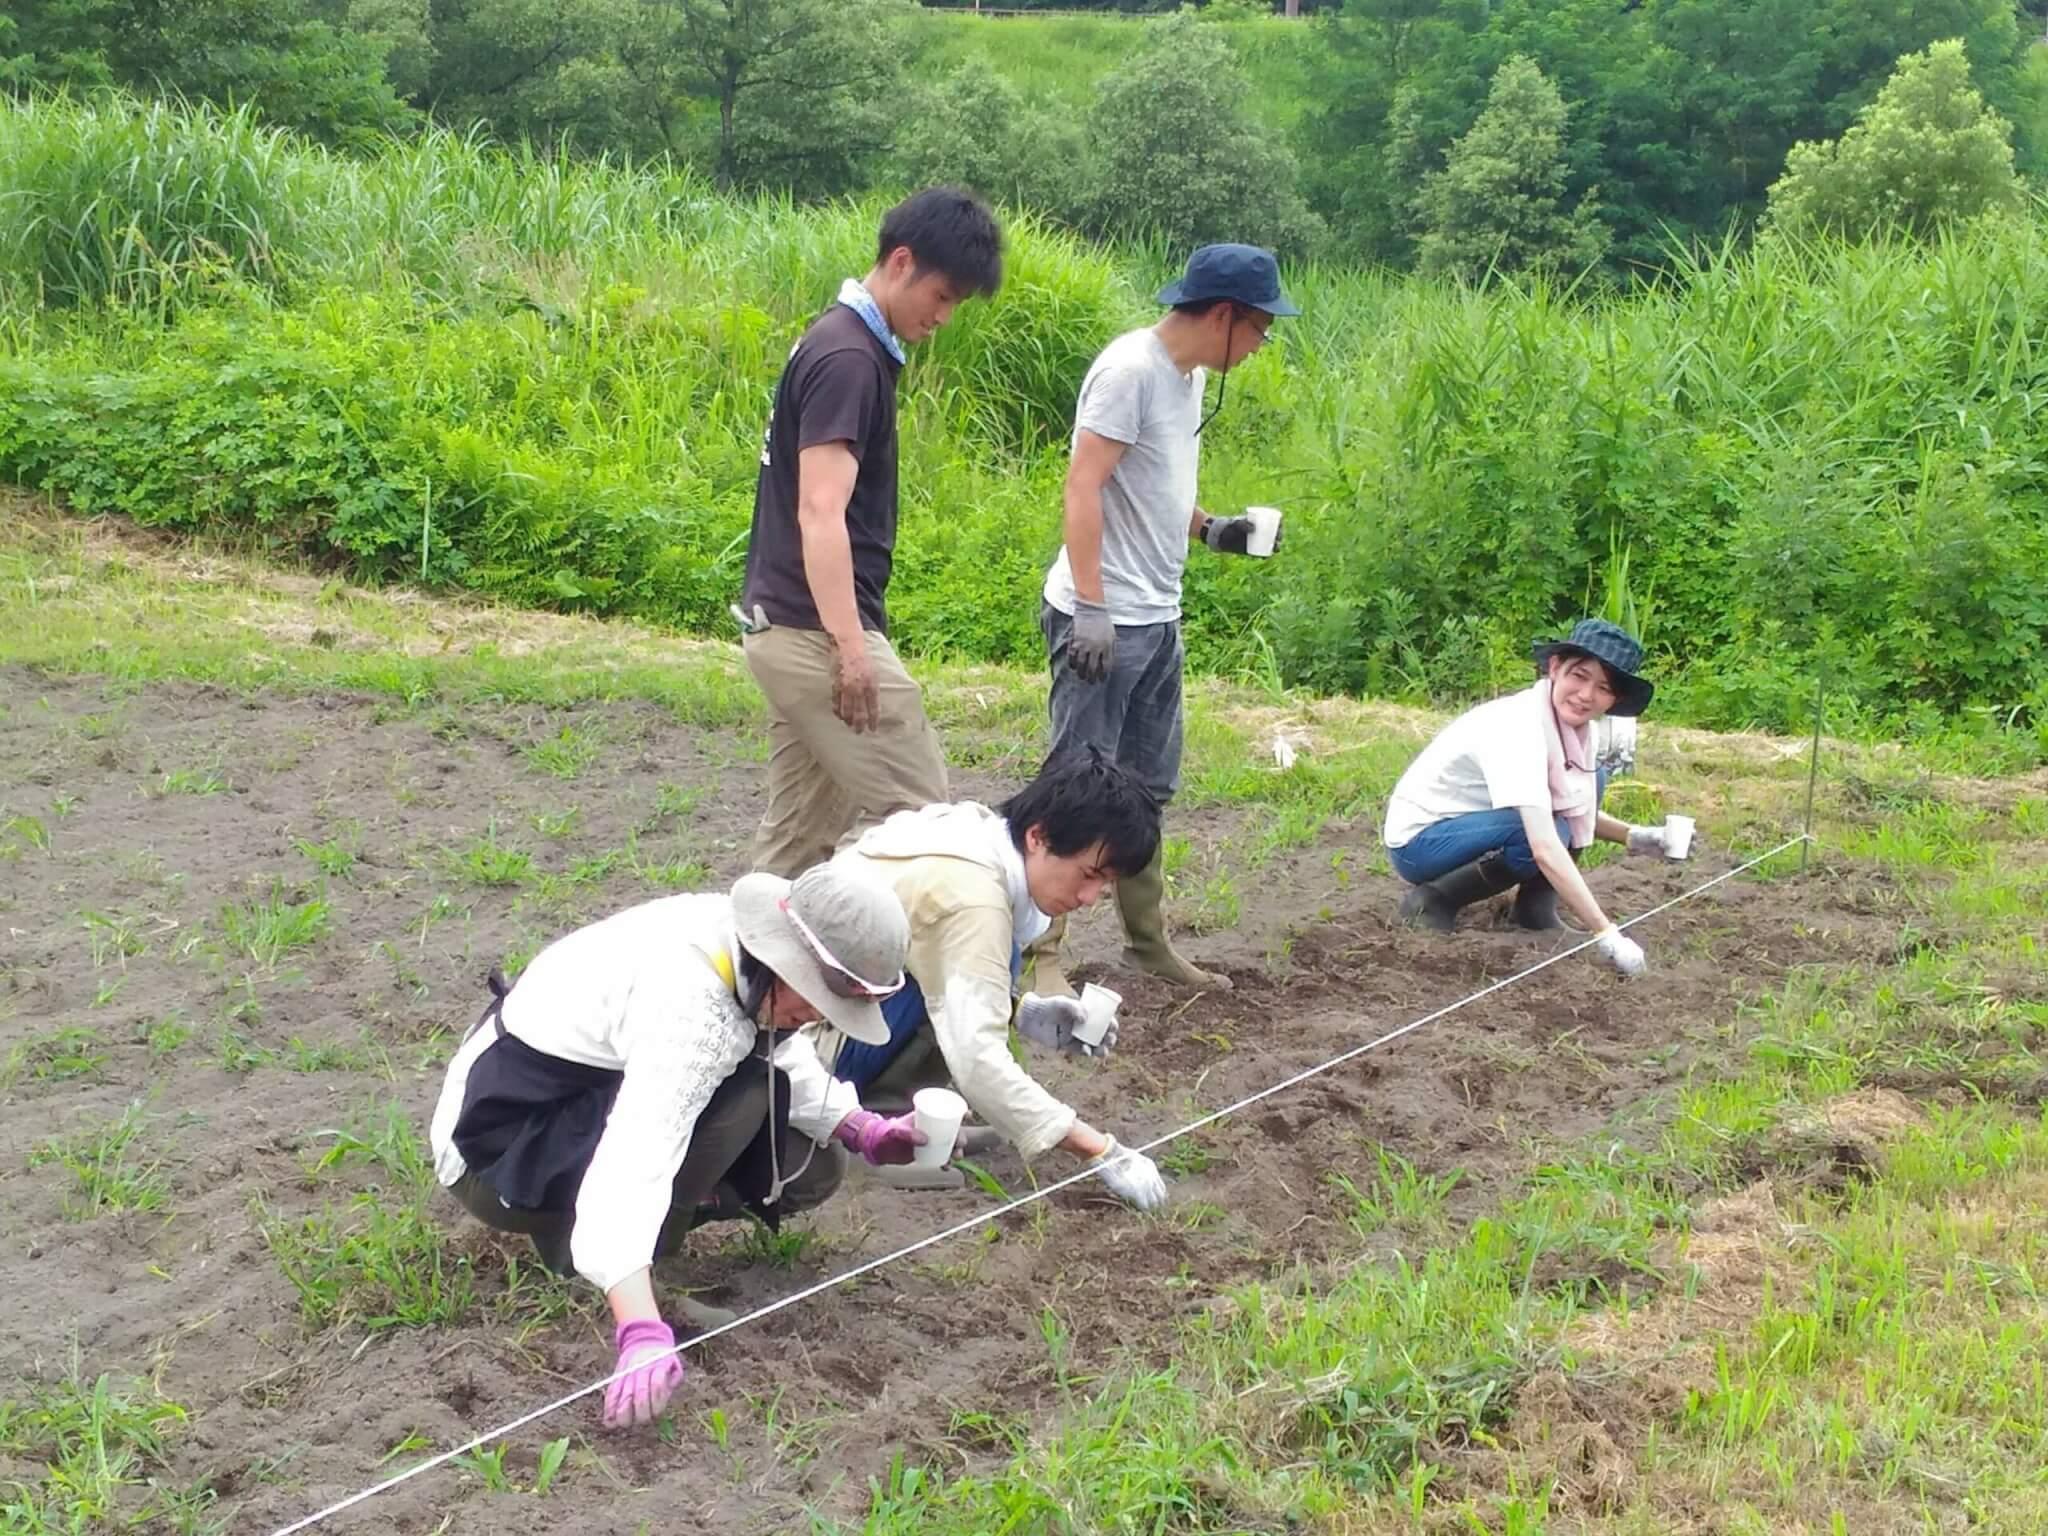 NPO法人しごとのみらい 農業体験活動の様子